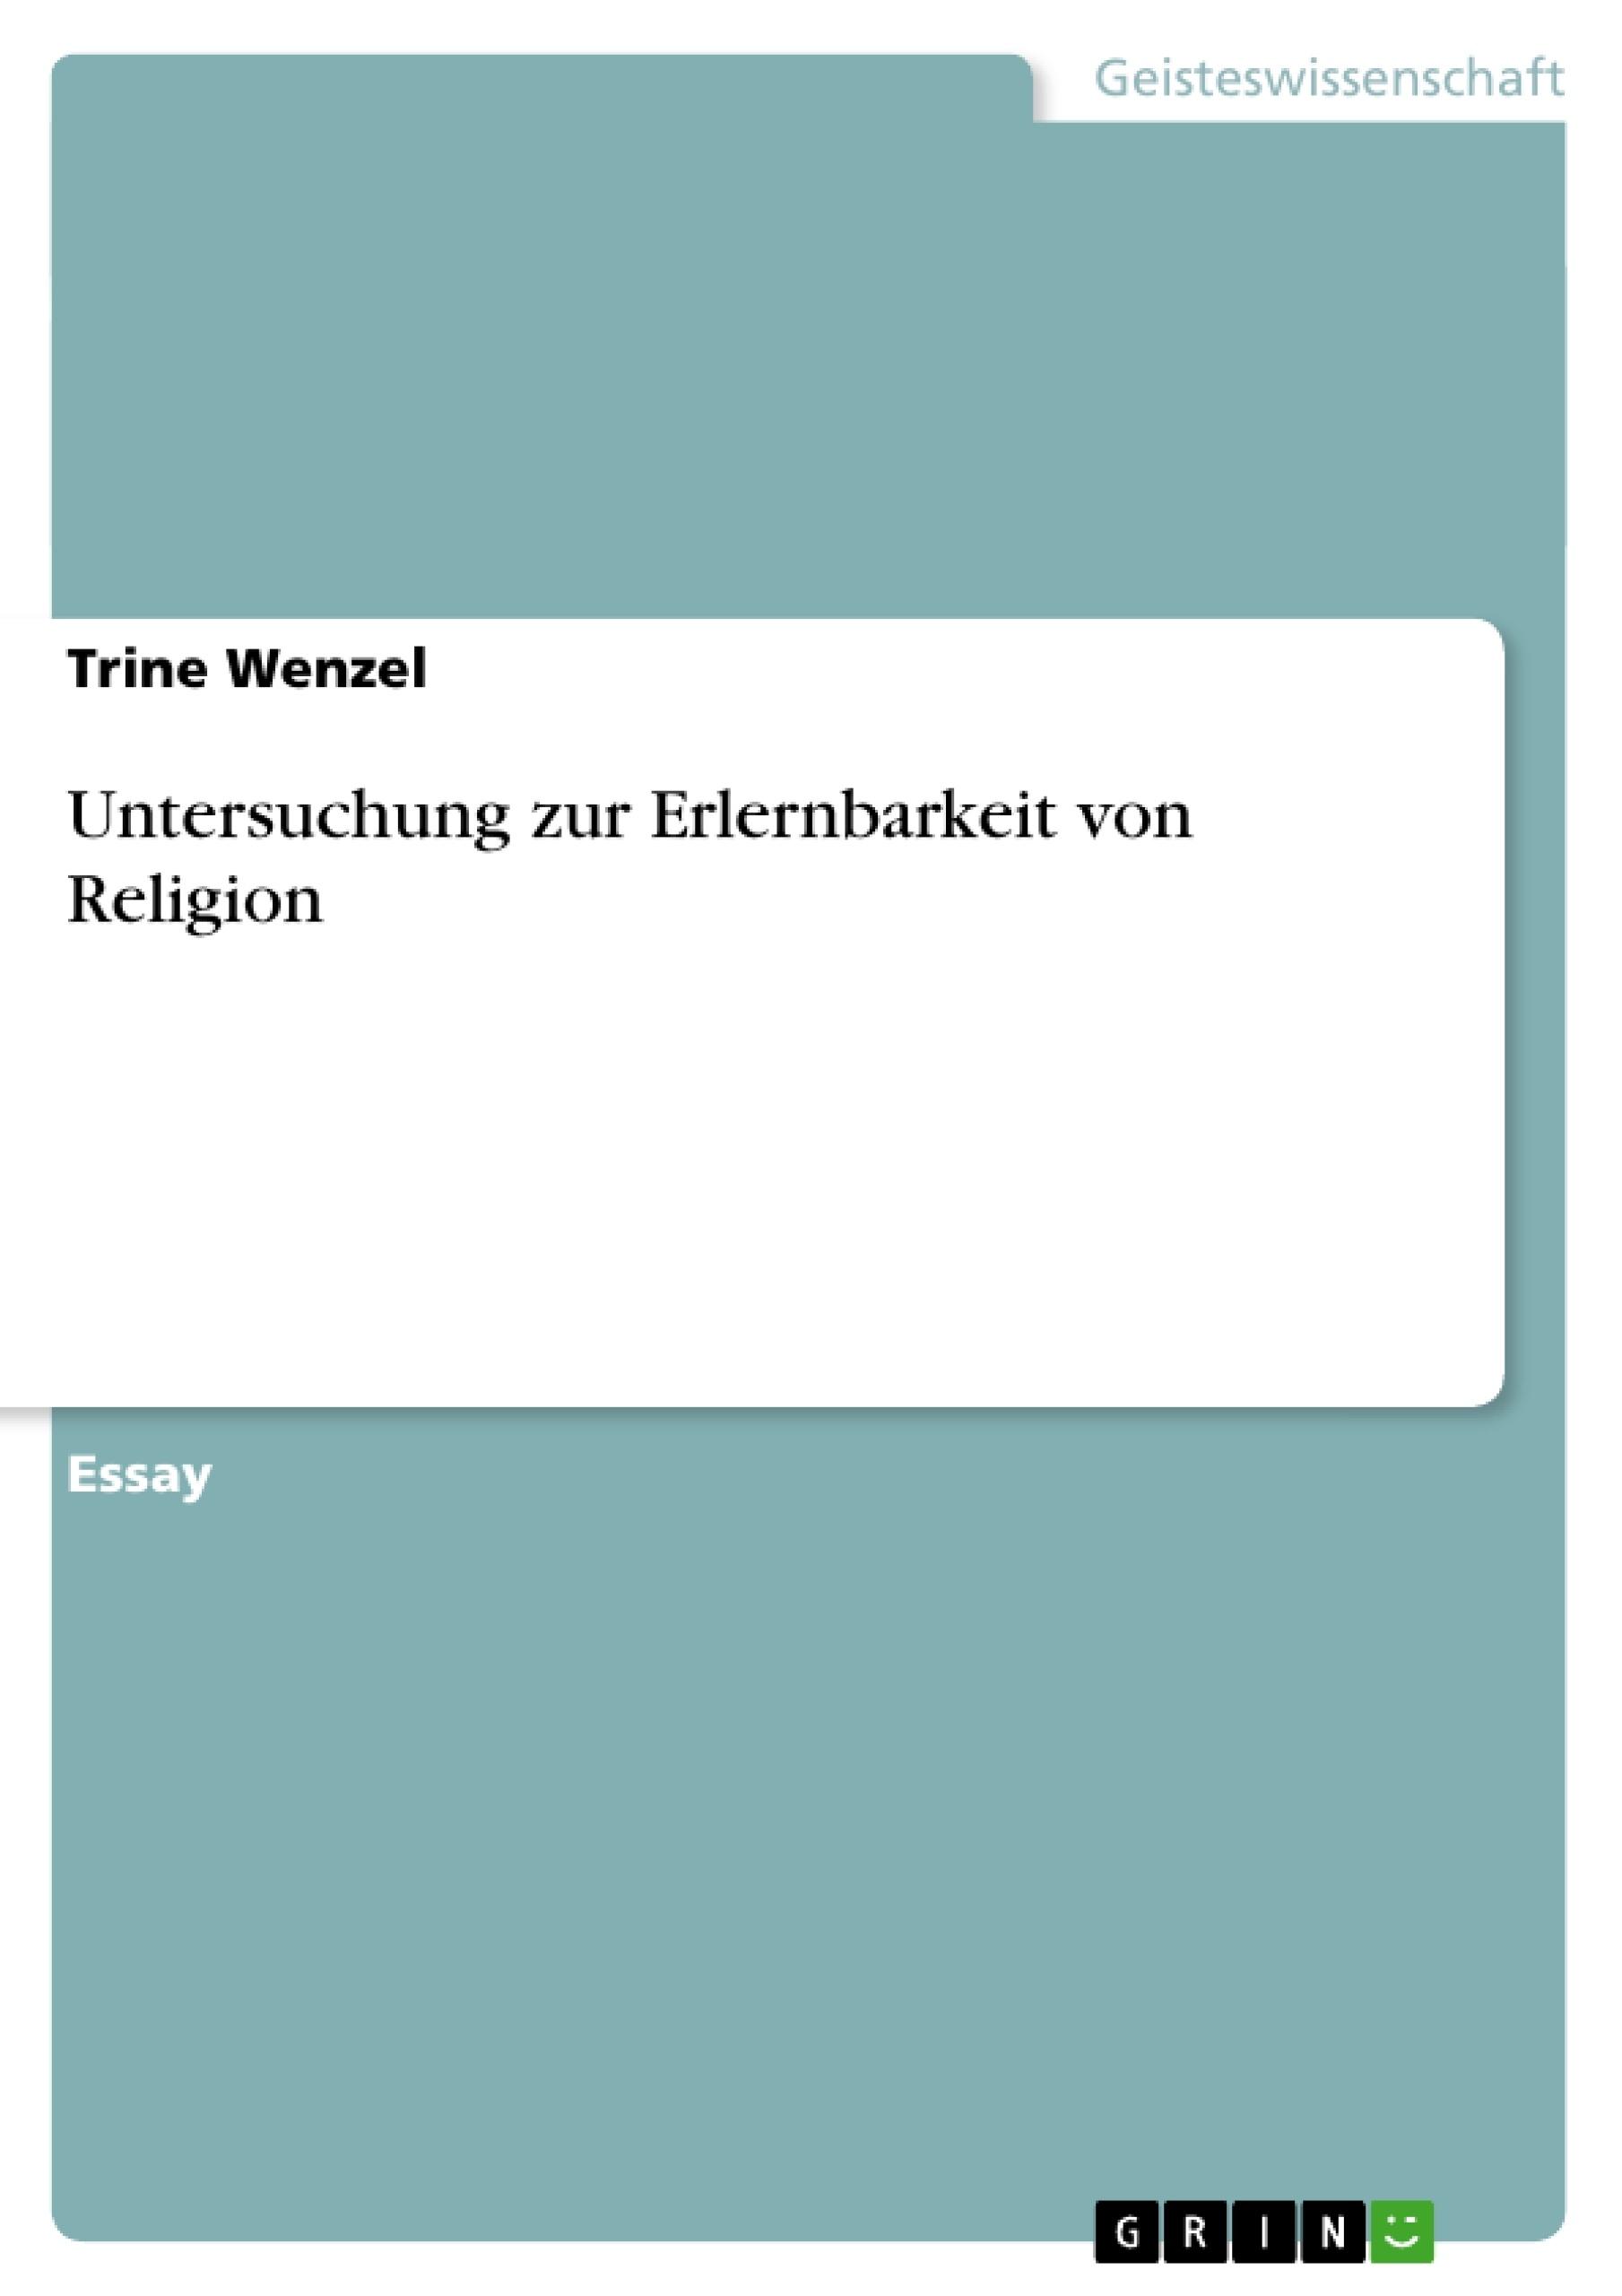 Titel: Untersuchung zur Erlernbarkeit von Religion